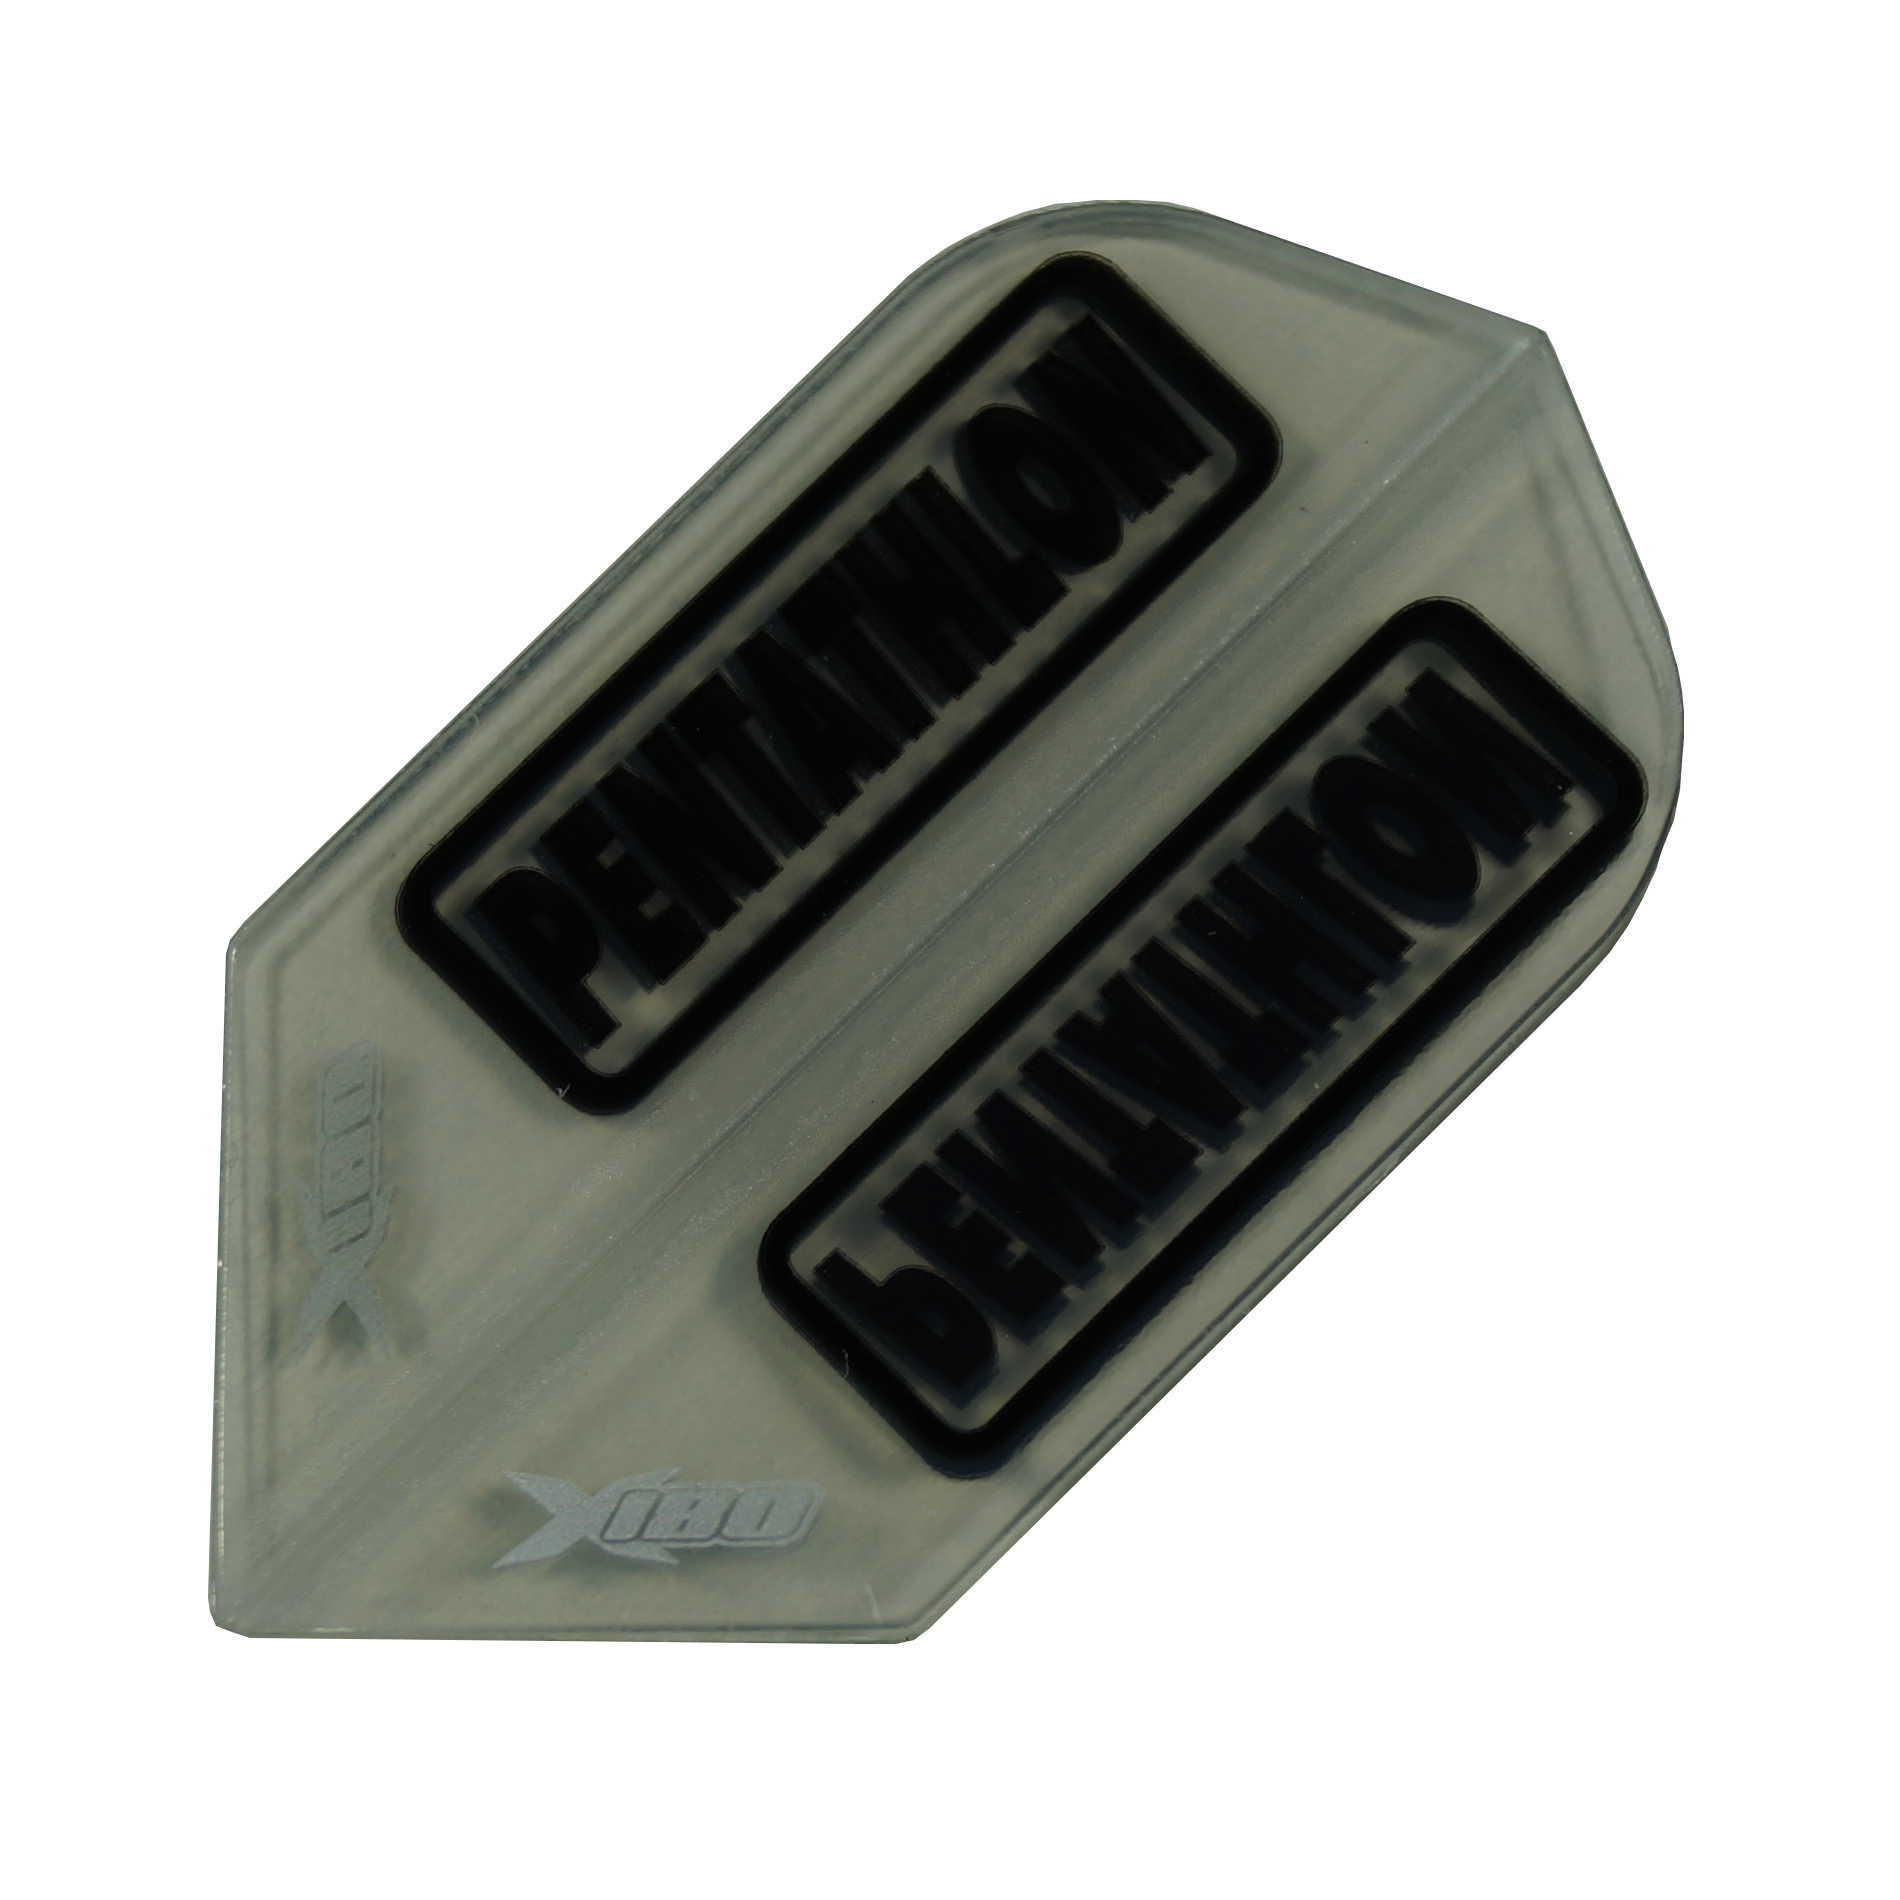 Pentathlon Flights X180 transp. Slim